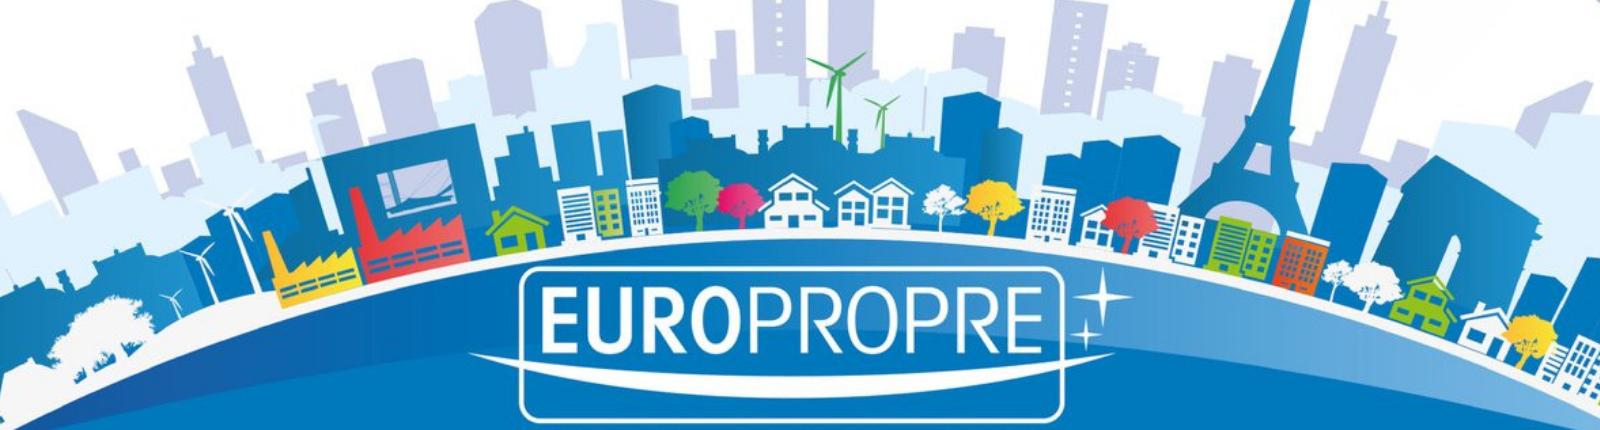 europropre 2019 - apfn hygiène